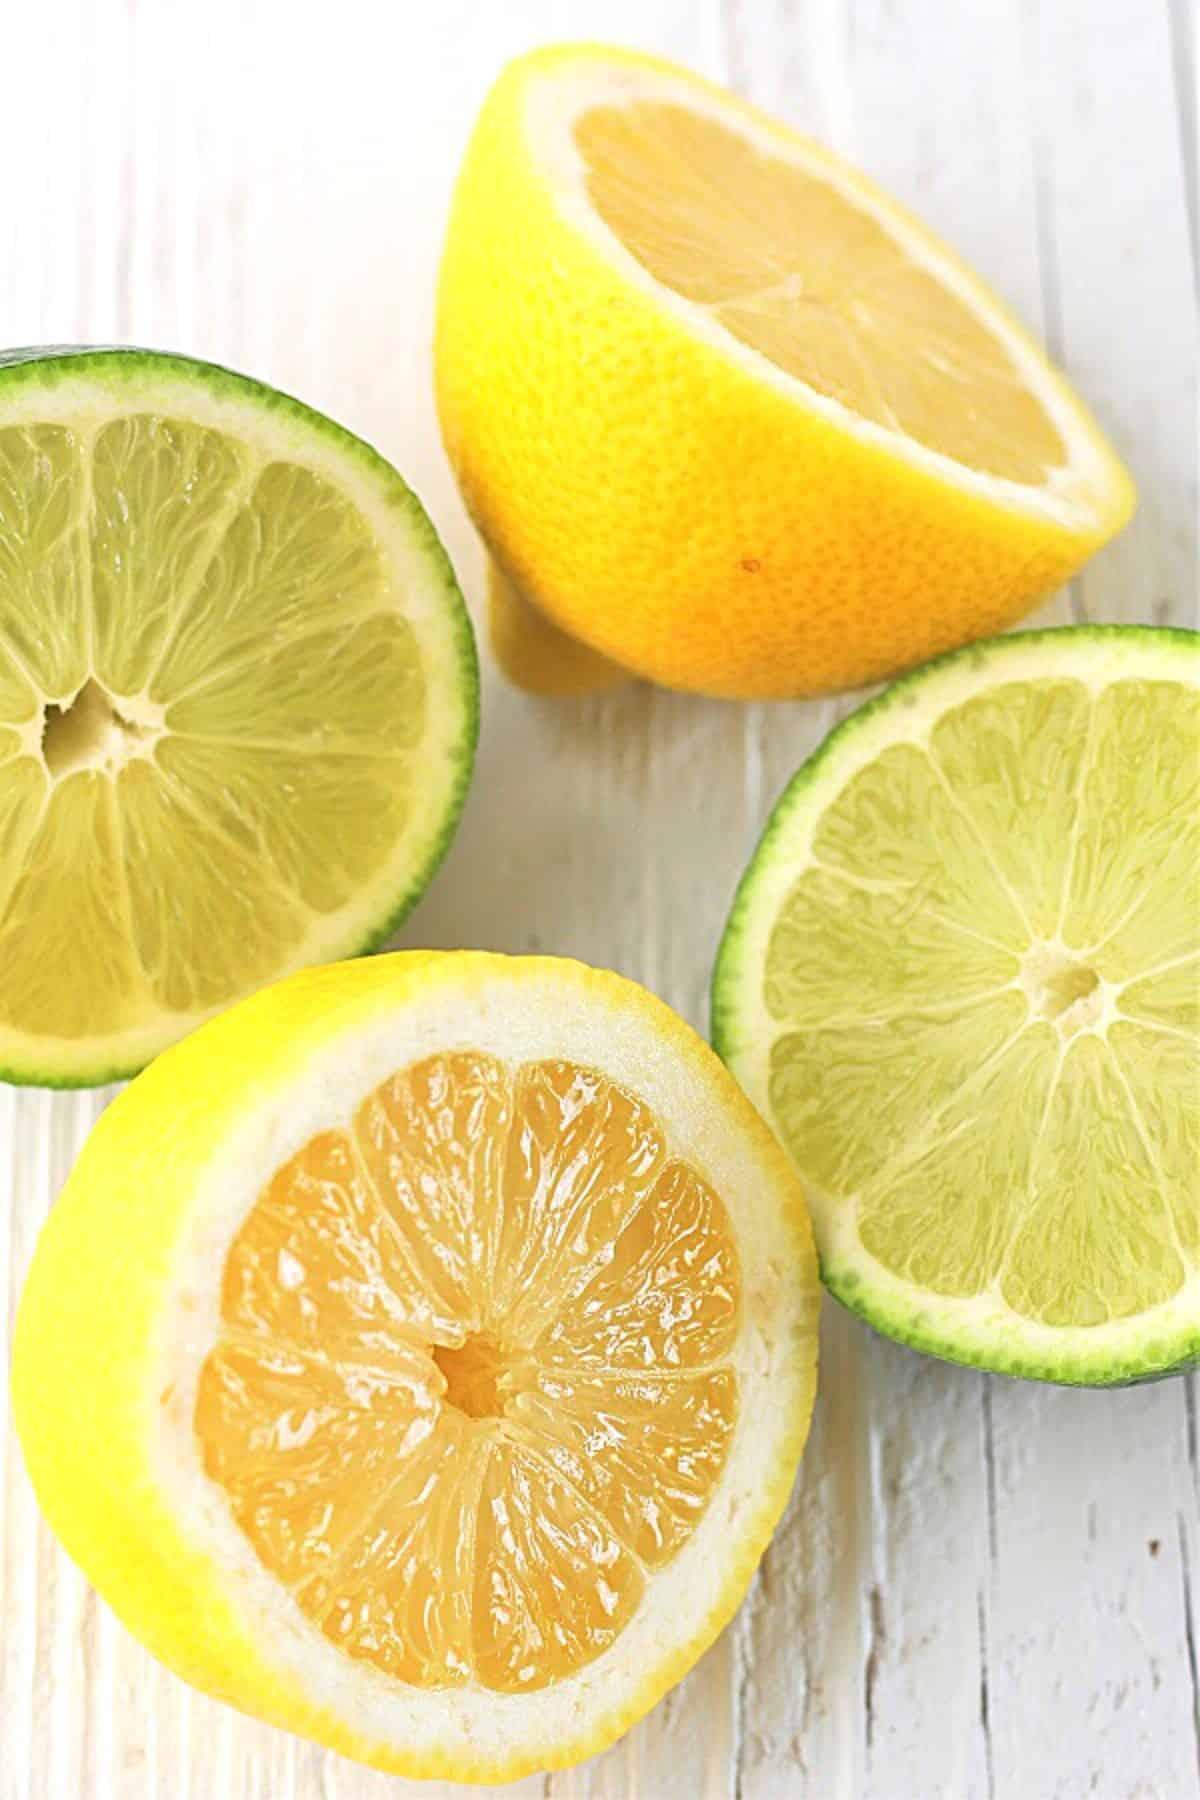 halved lemons and limes